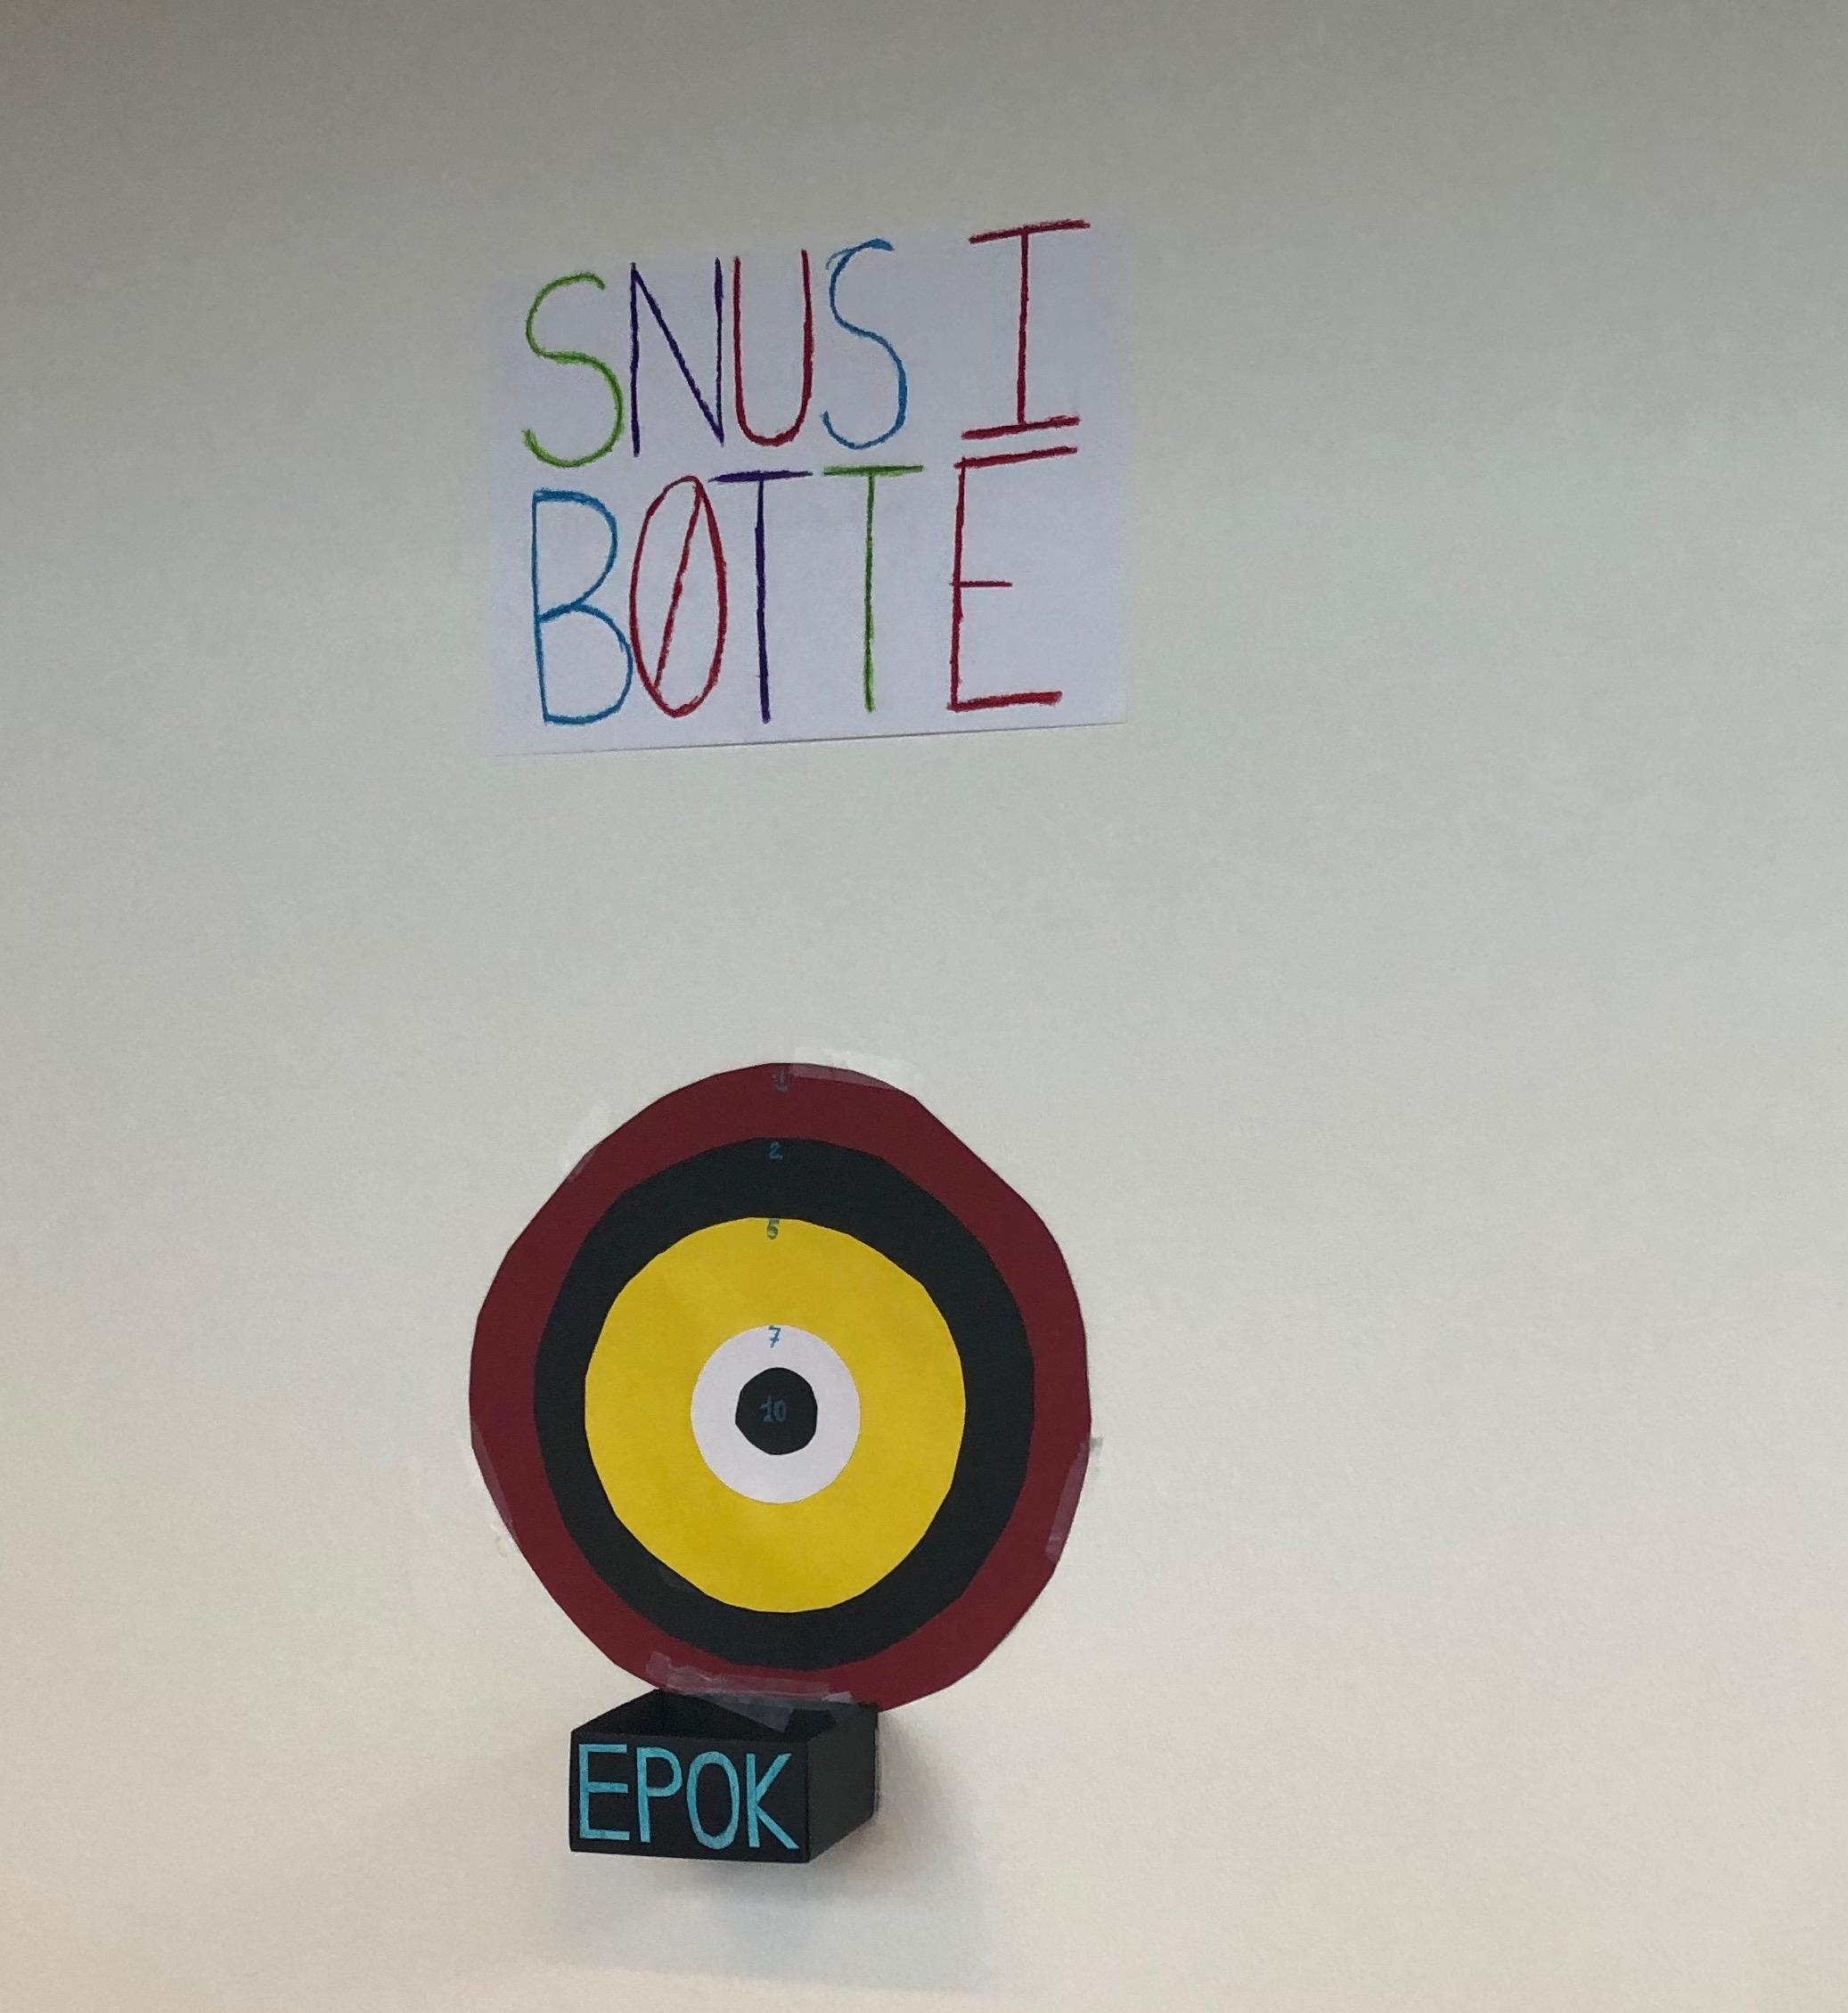 Snus-i-bøtte: interventionskunst med formålet om at samle den brugte snus på FG